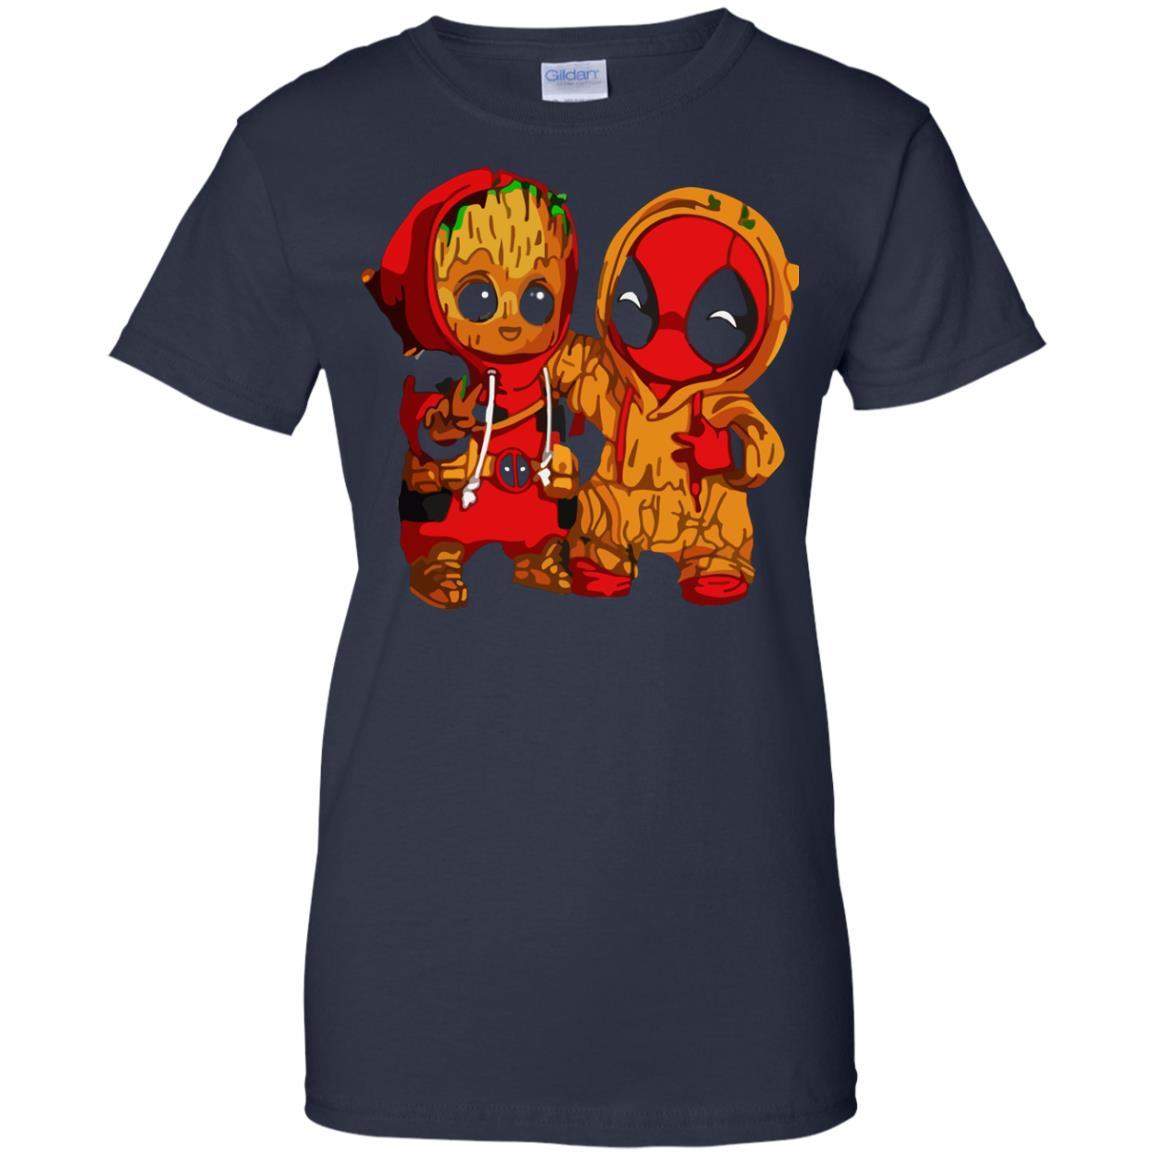 image 442 - Baby Groot And Deadpool Sweatshirt, Hoodie